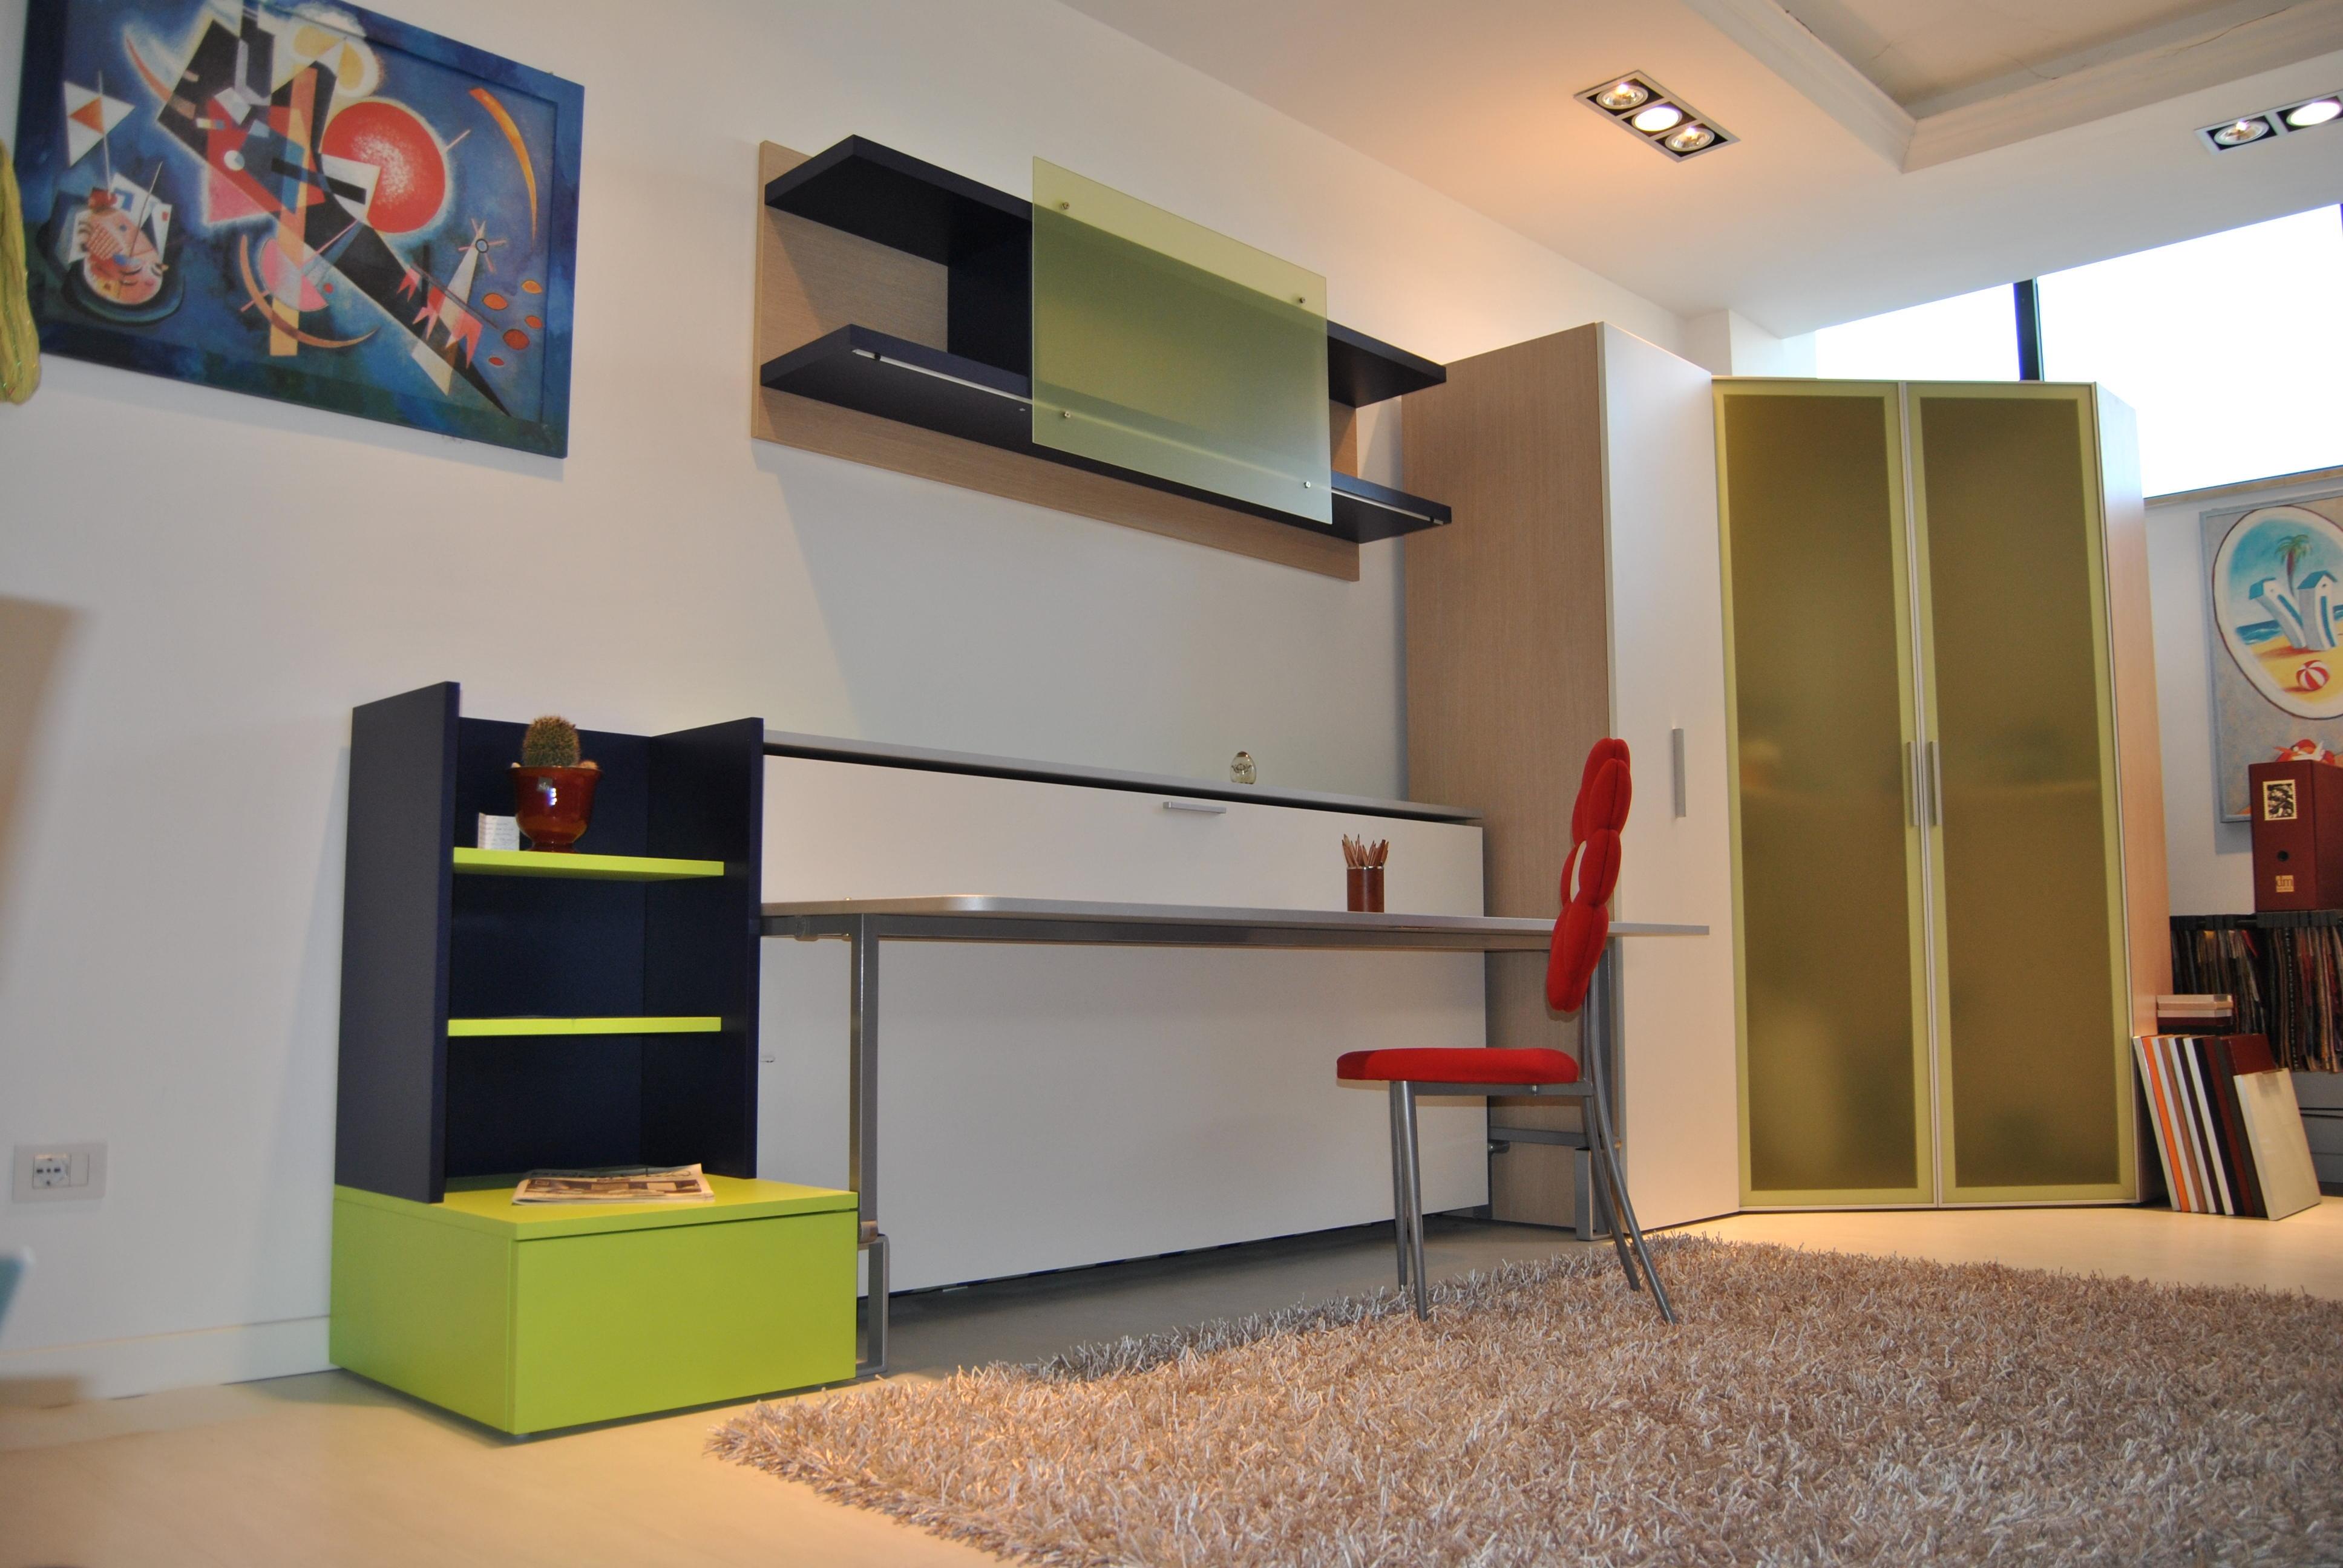 Ikea letti estraibili hobby e casa novembre vedi anche - Ikea letti divano ...